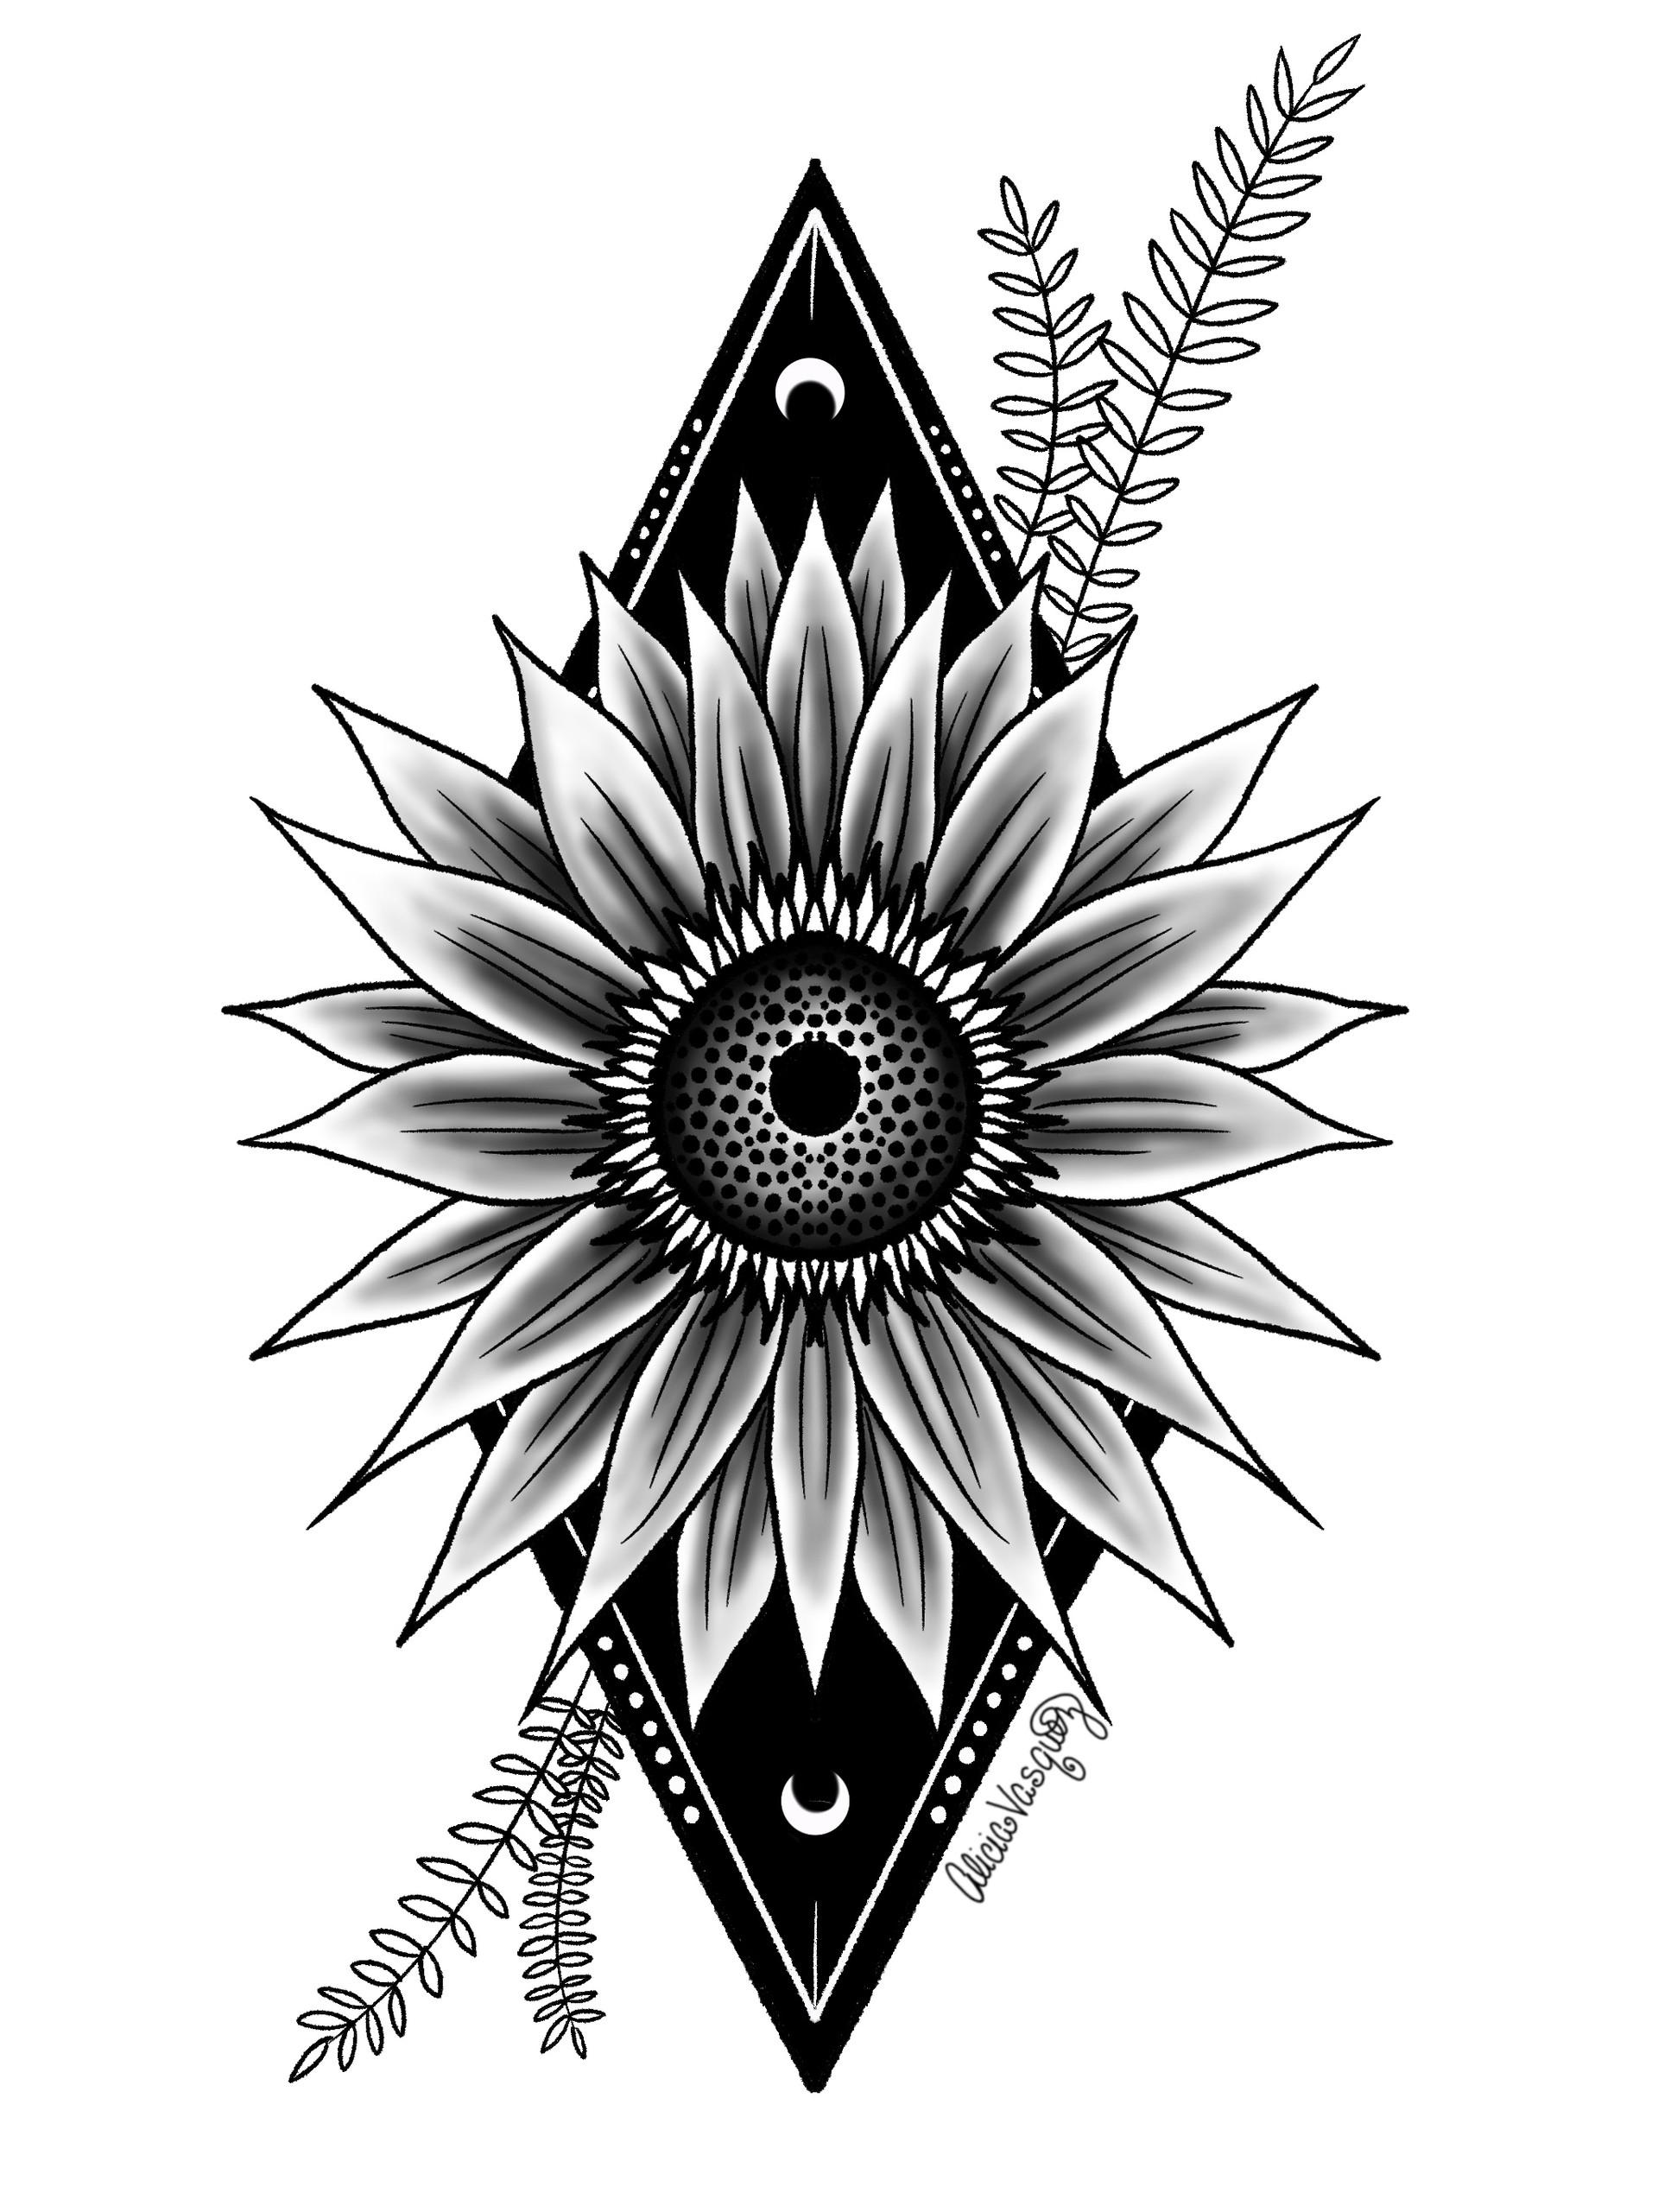 aliciavasquez_sunflowerdesign.JPG